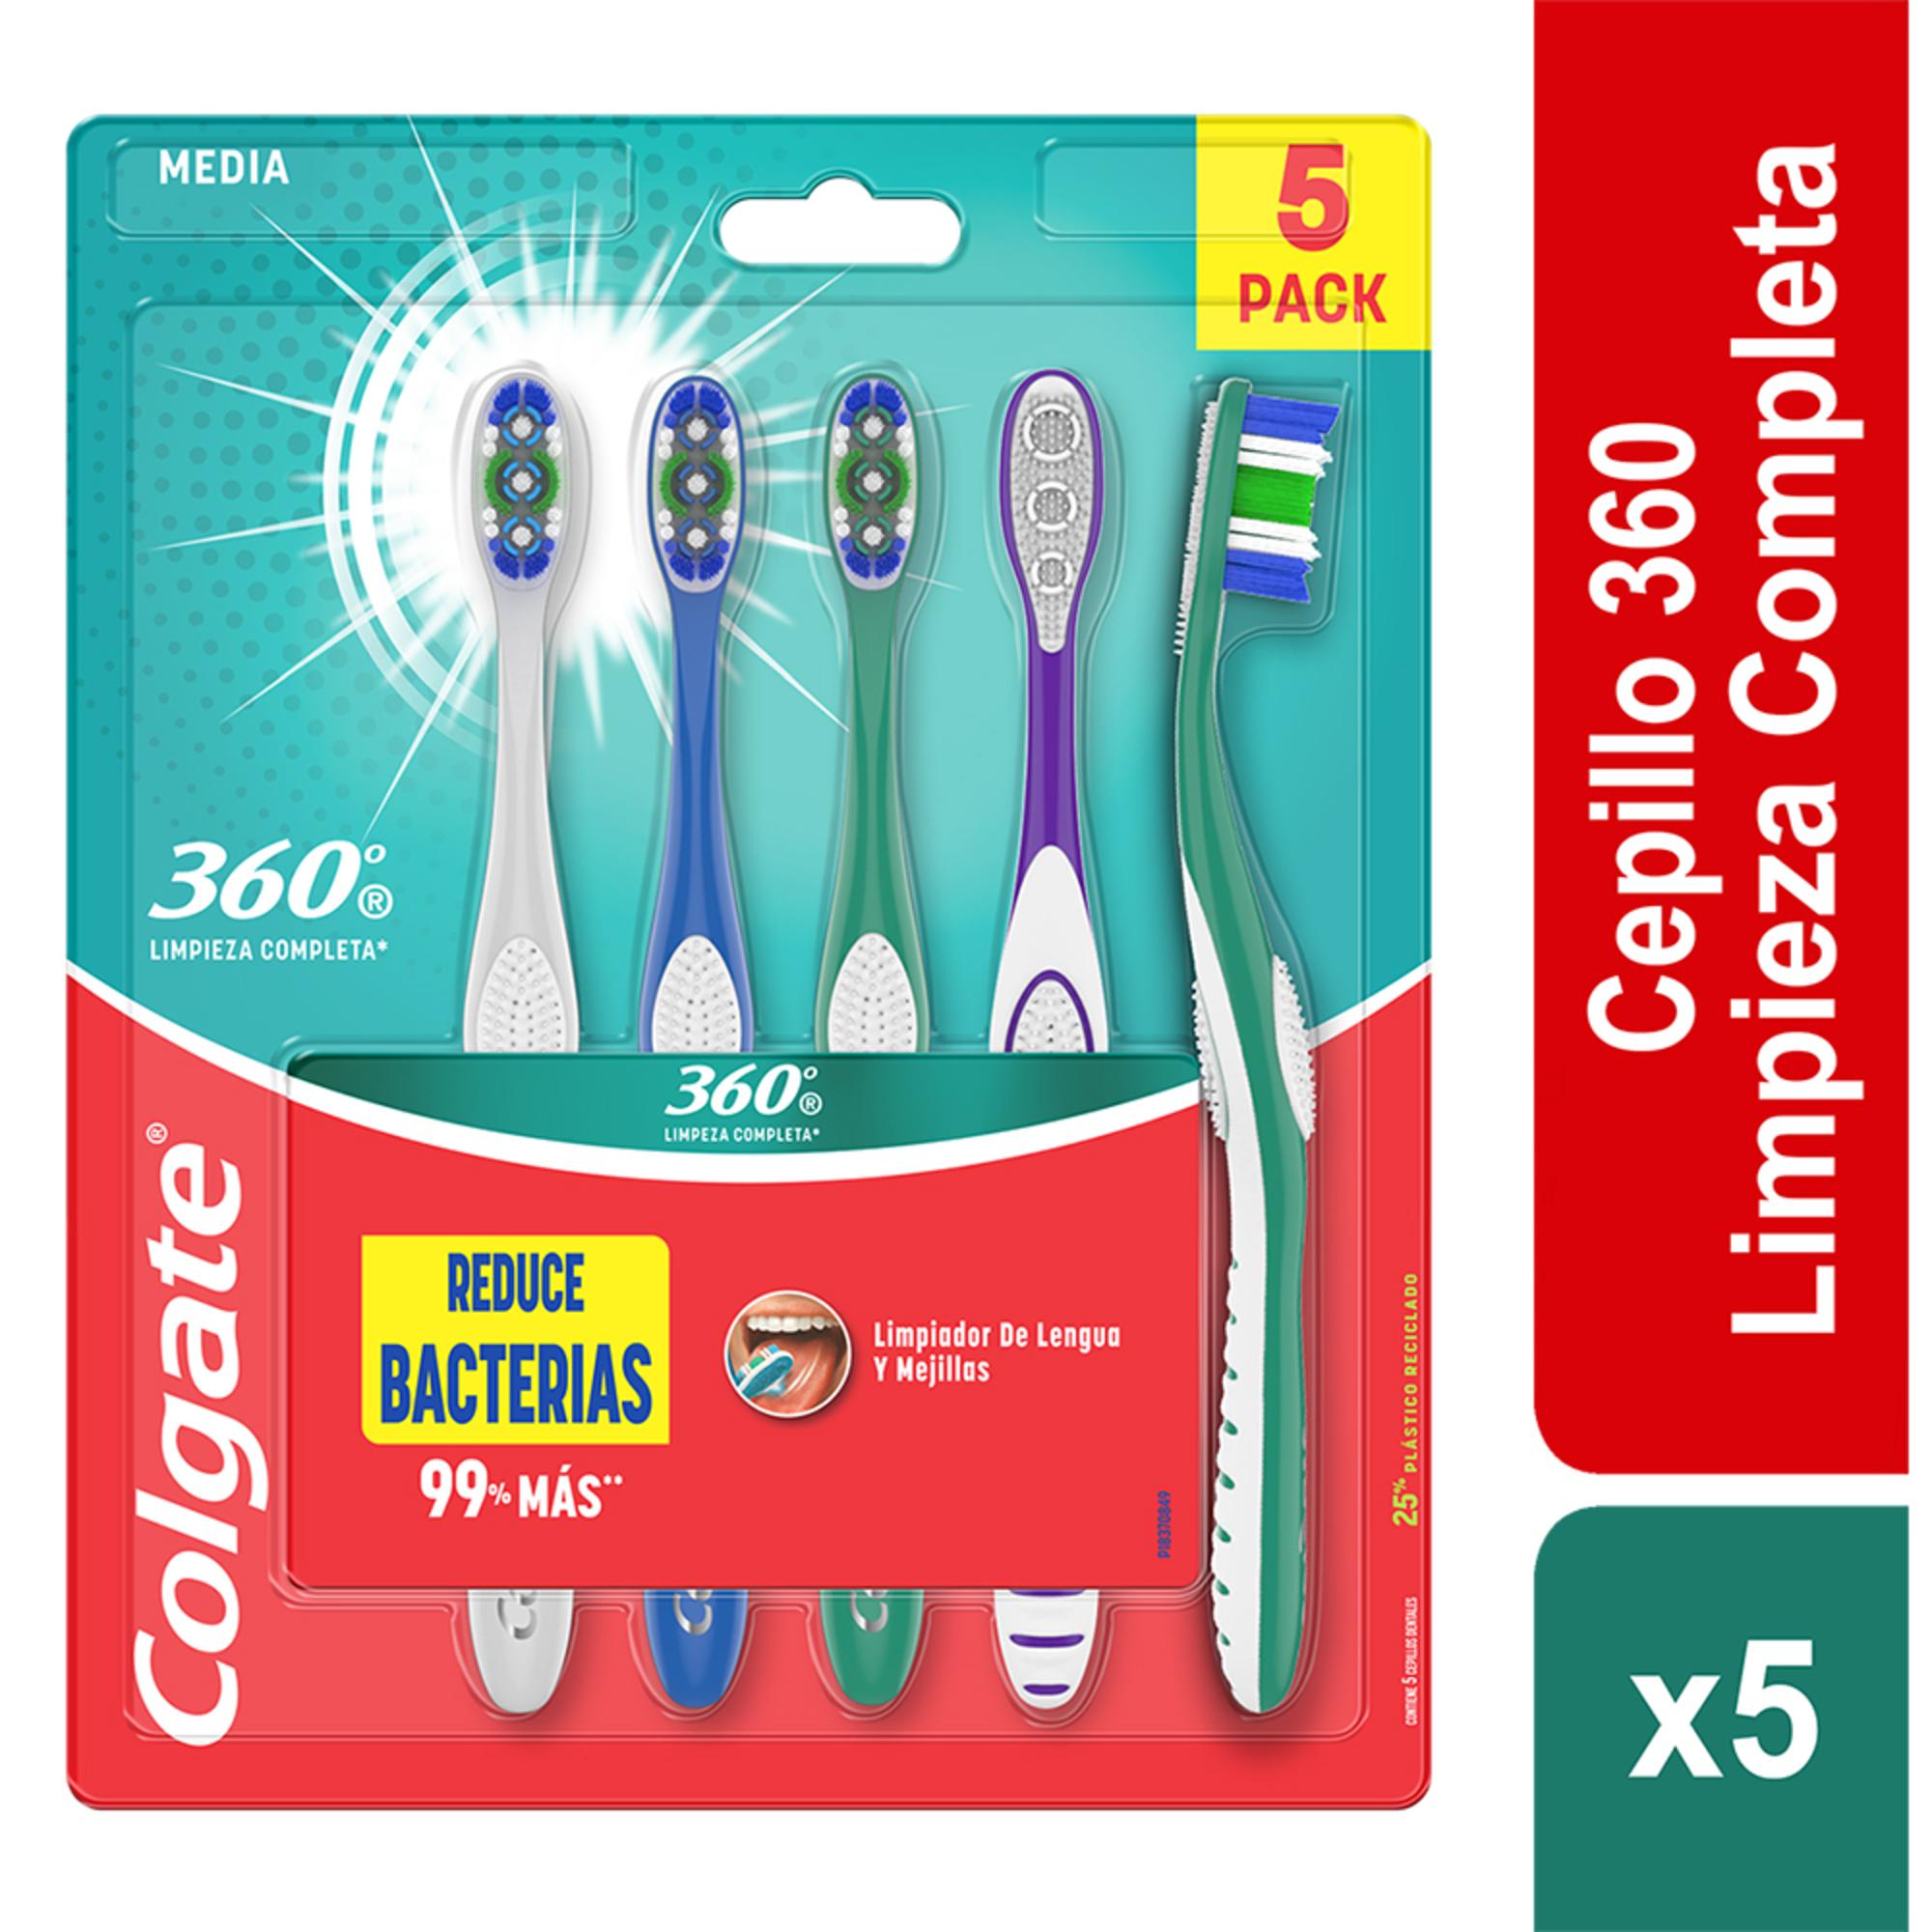 Cepillo Dental Colgate Base 360 x 5